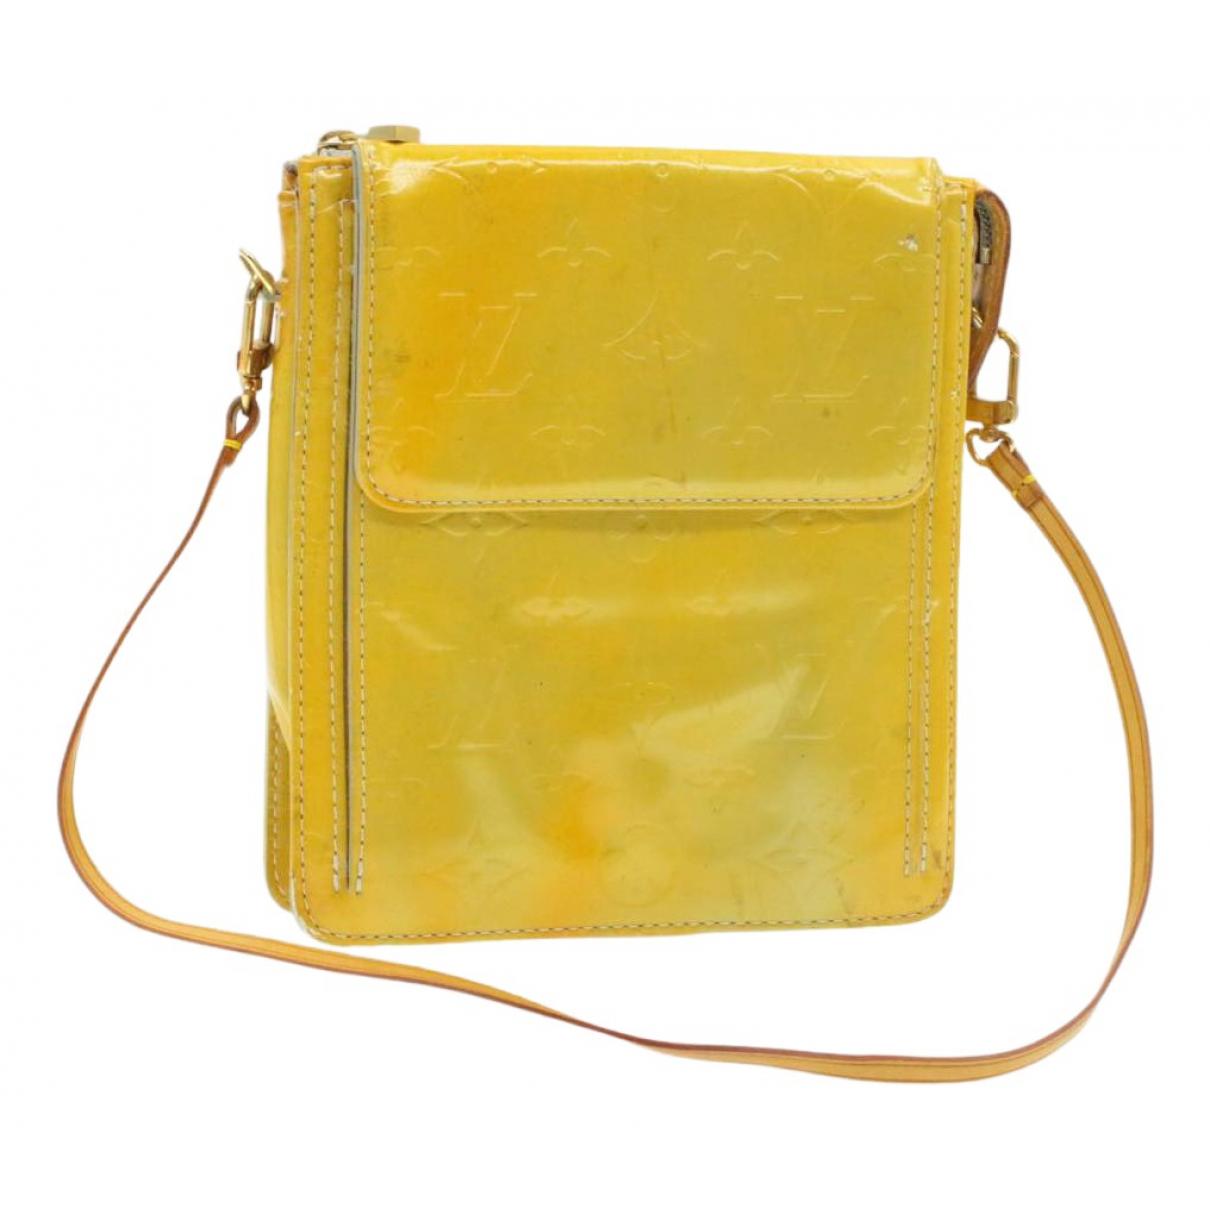 Louis Vuitton - Sac a main   pour femme en cuir verni - jaune